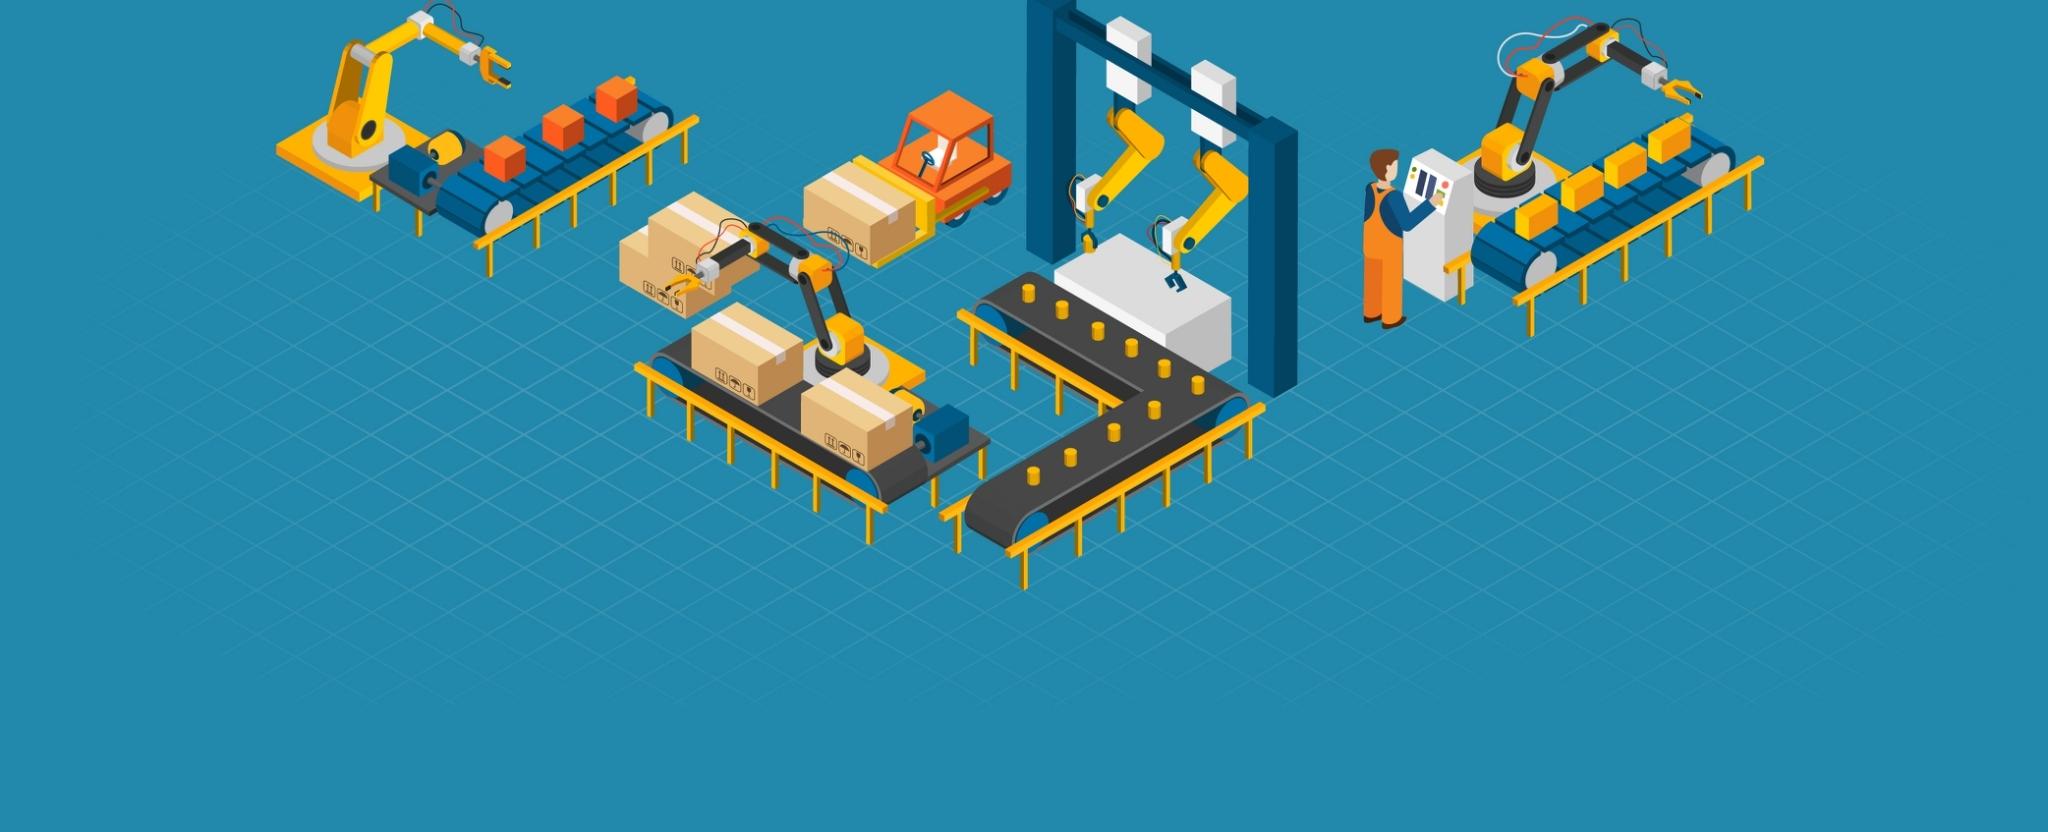 ก.อุตสาหกรรมเผยไทยลงทุนหุ่นยนต์และระบบอัตโนมัติแล้ว 1.16 แสนล้านบาท